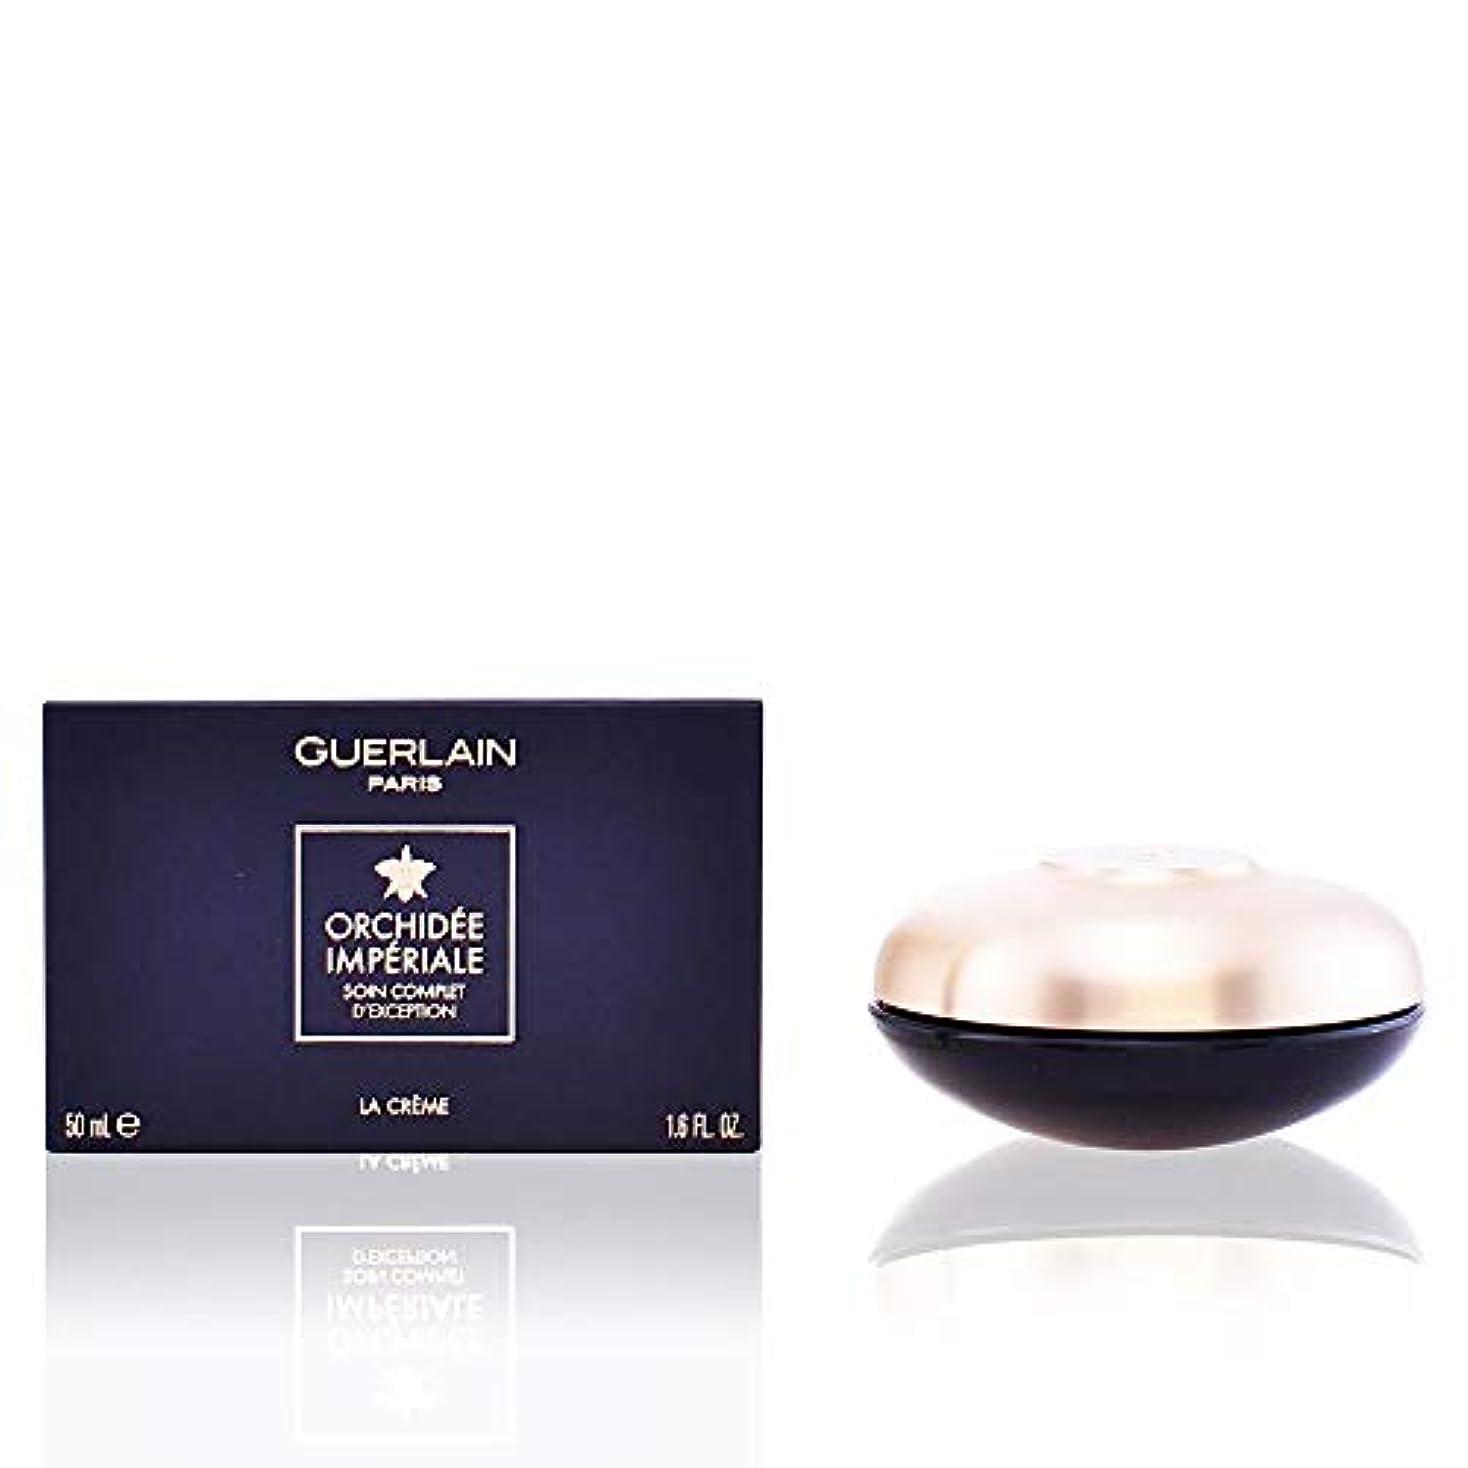 スキニーうれしい手伝うゲラン オーキデアンペリアルザクリーム 50ml/1.6oz